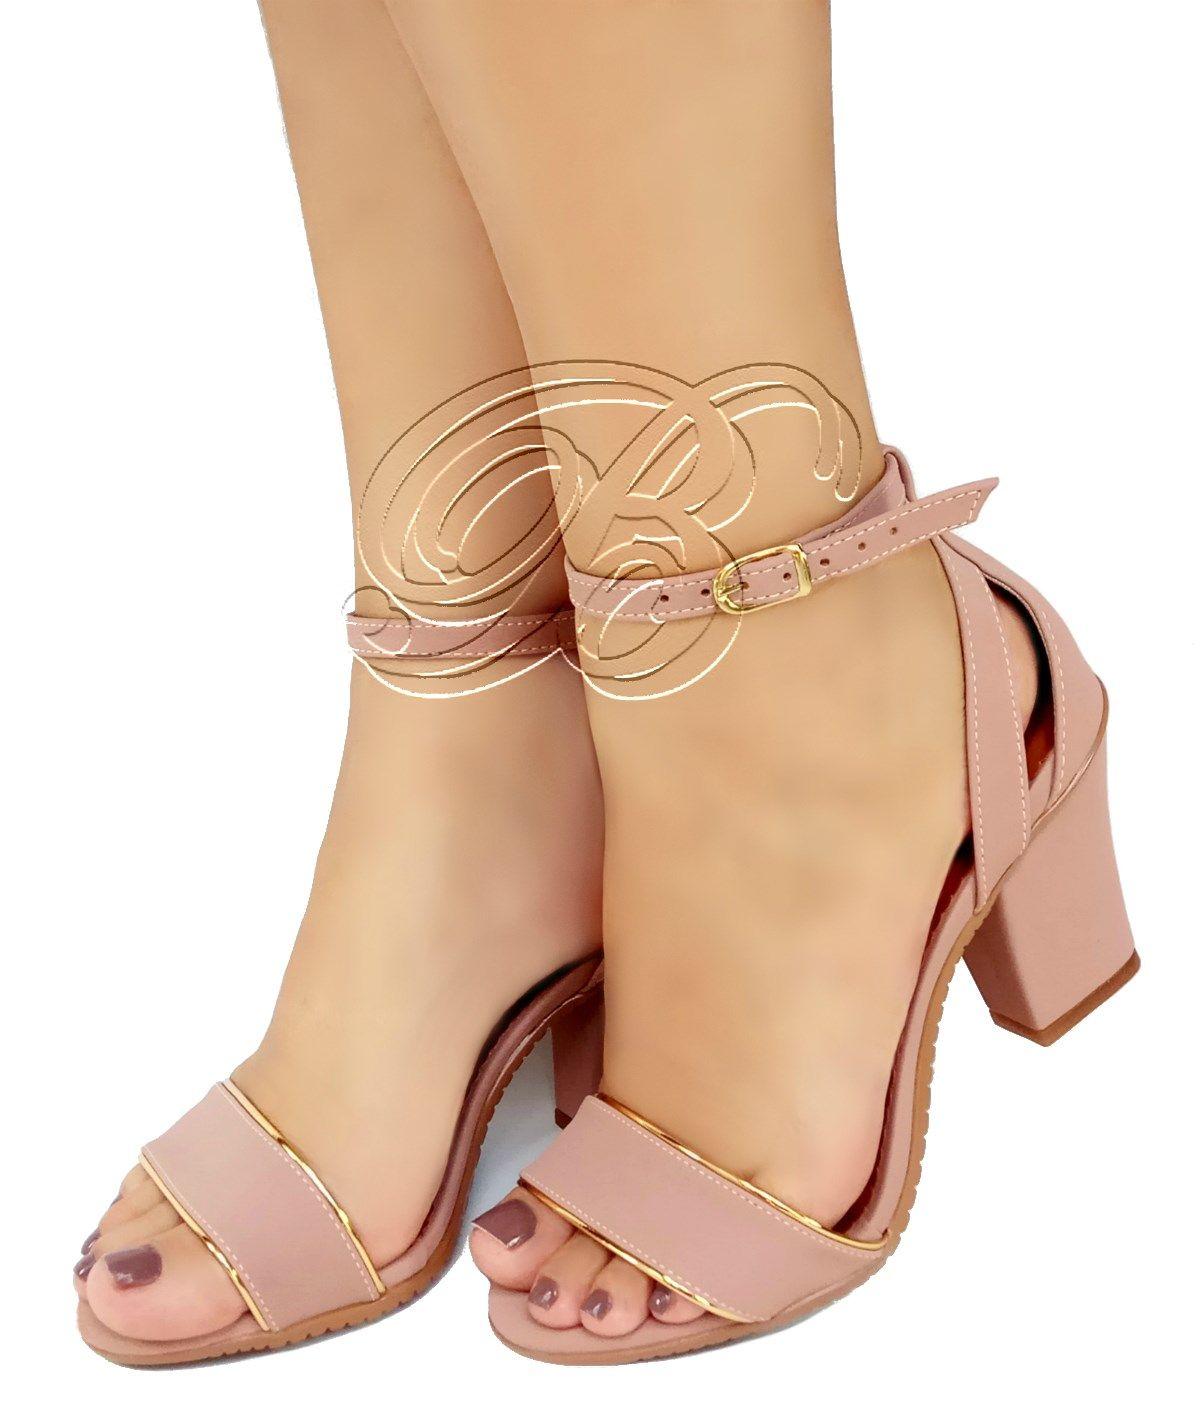 95428b9b0 Delicada sandália Bellatotti na cor rosa de salto médio e lindos detalhes.  Salto com 8